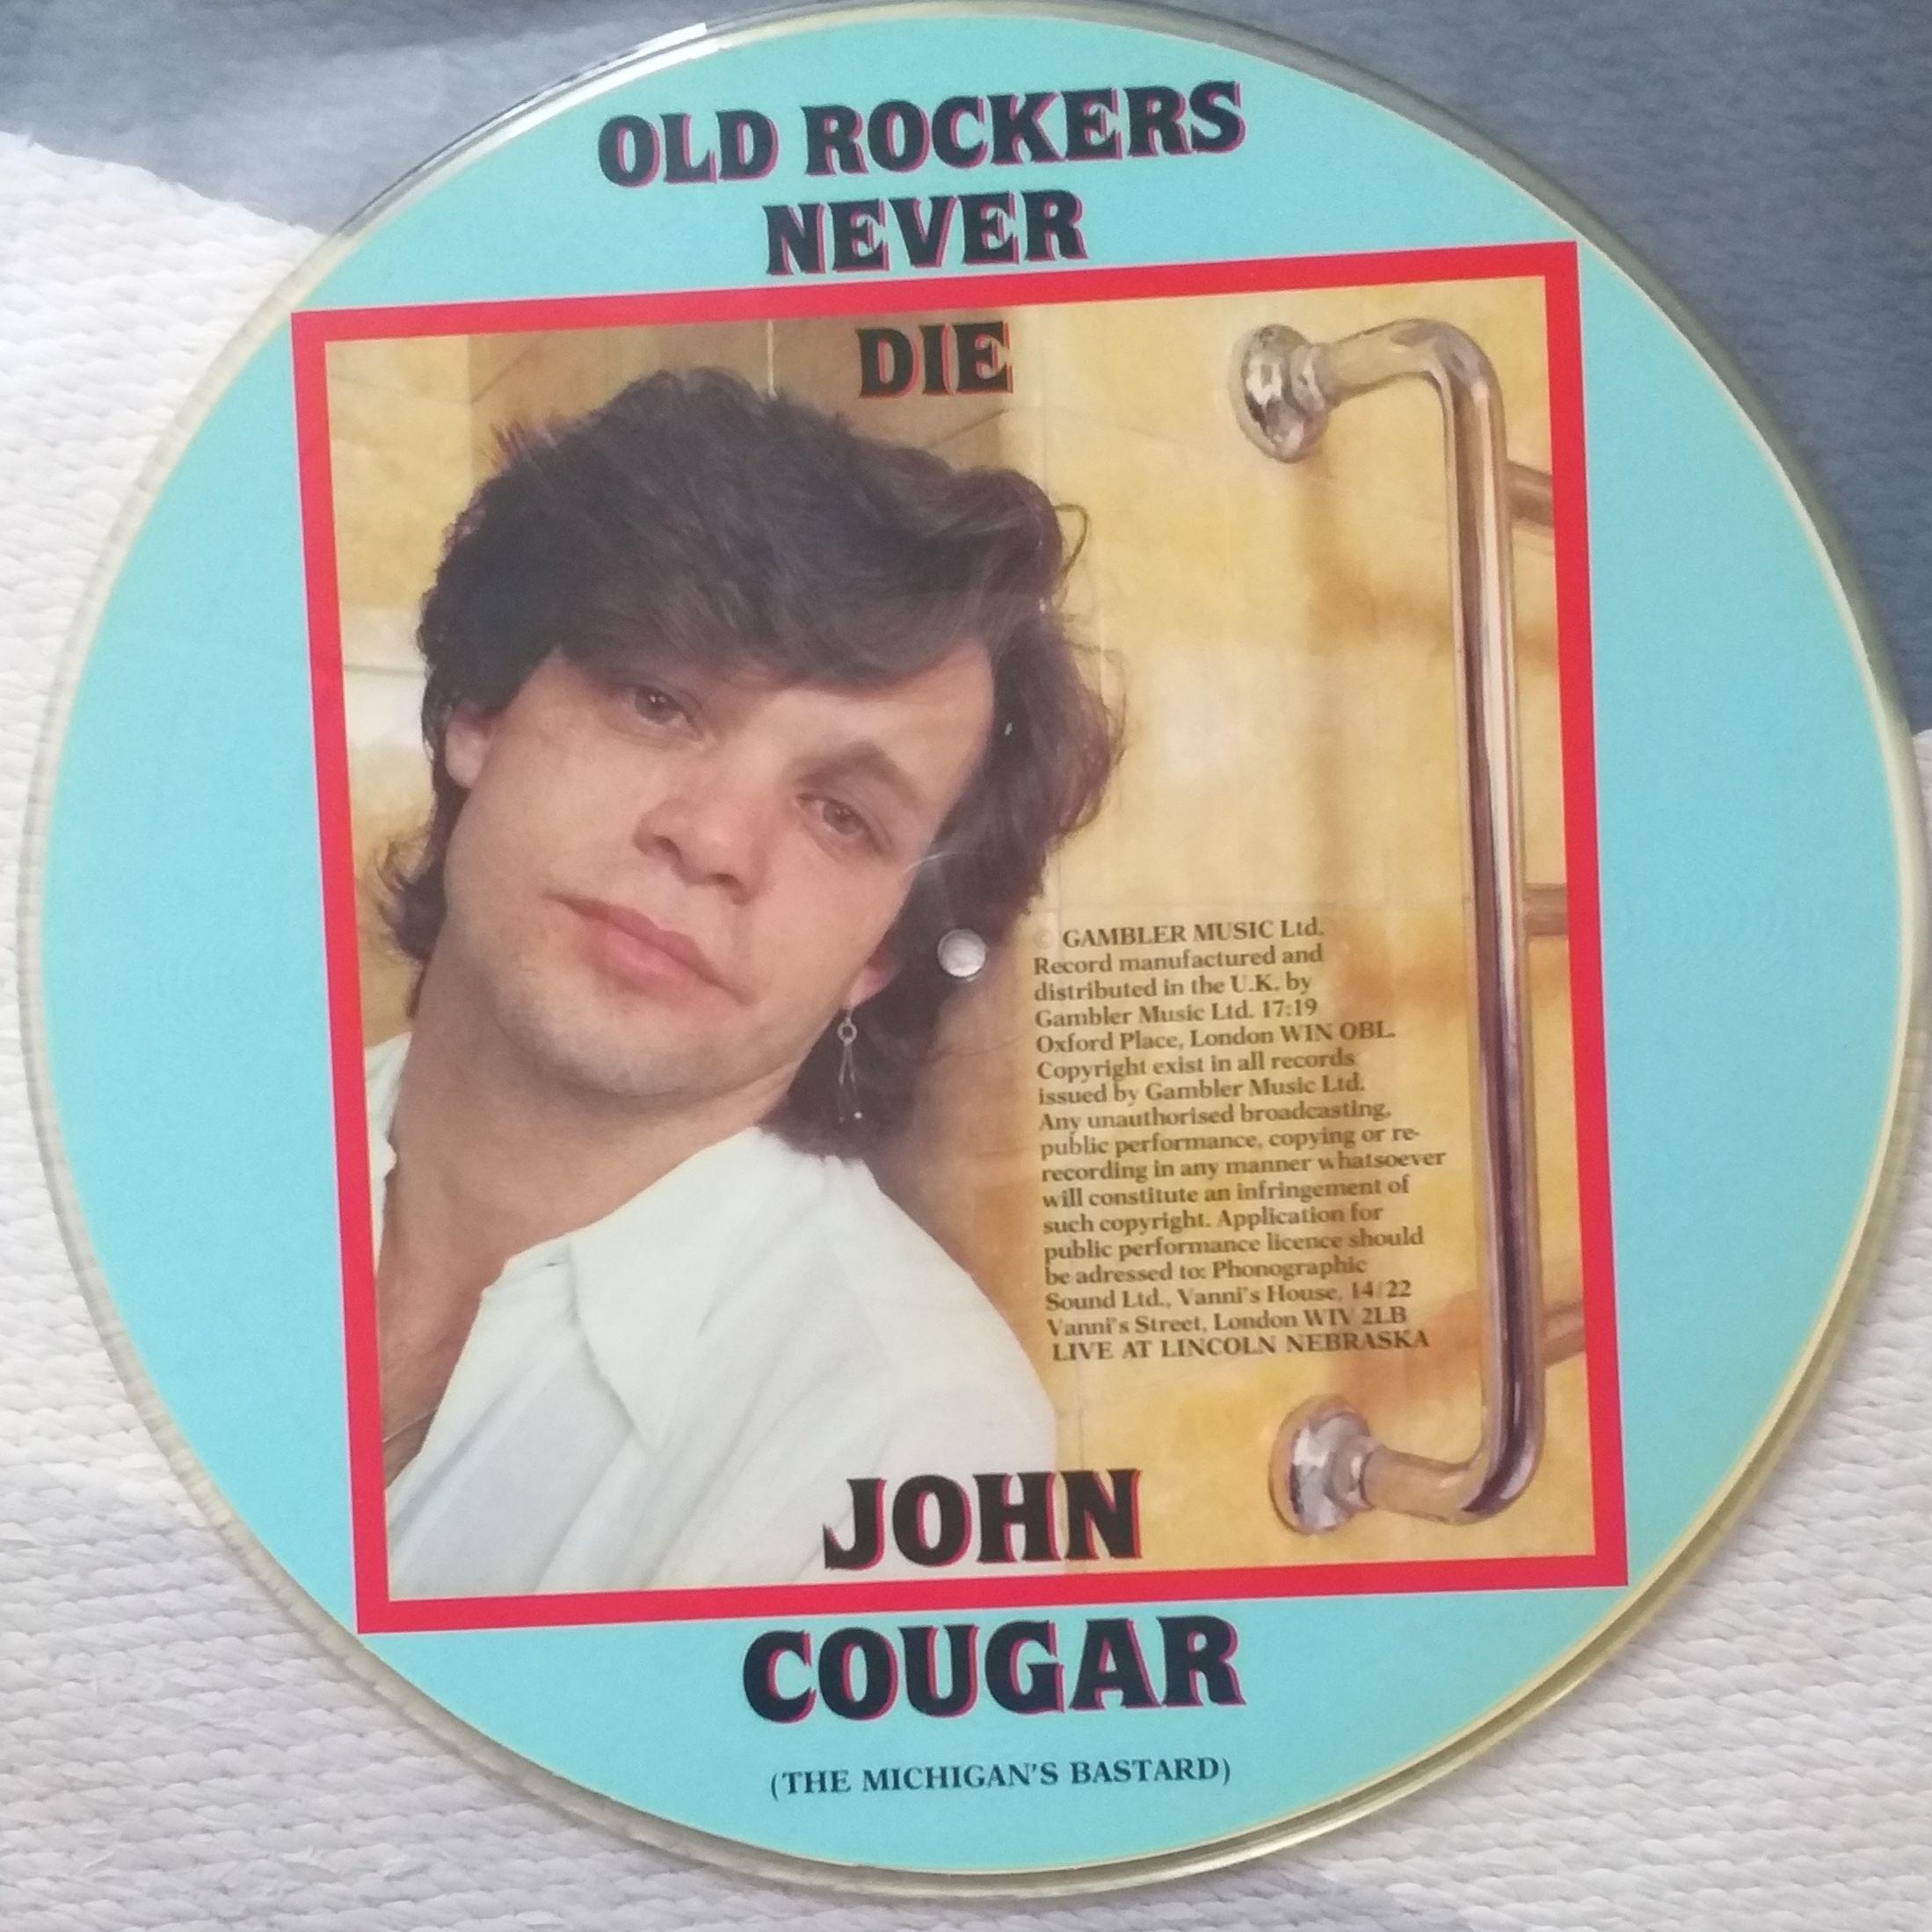 John cougar Mellencamp Old rockers never die(live 82) LP undefined